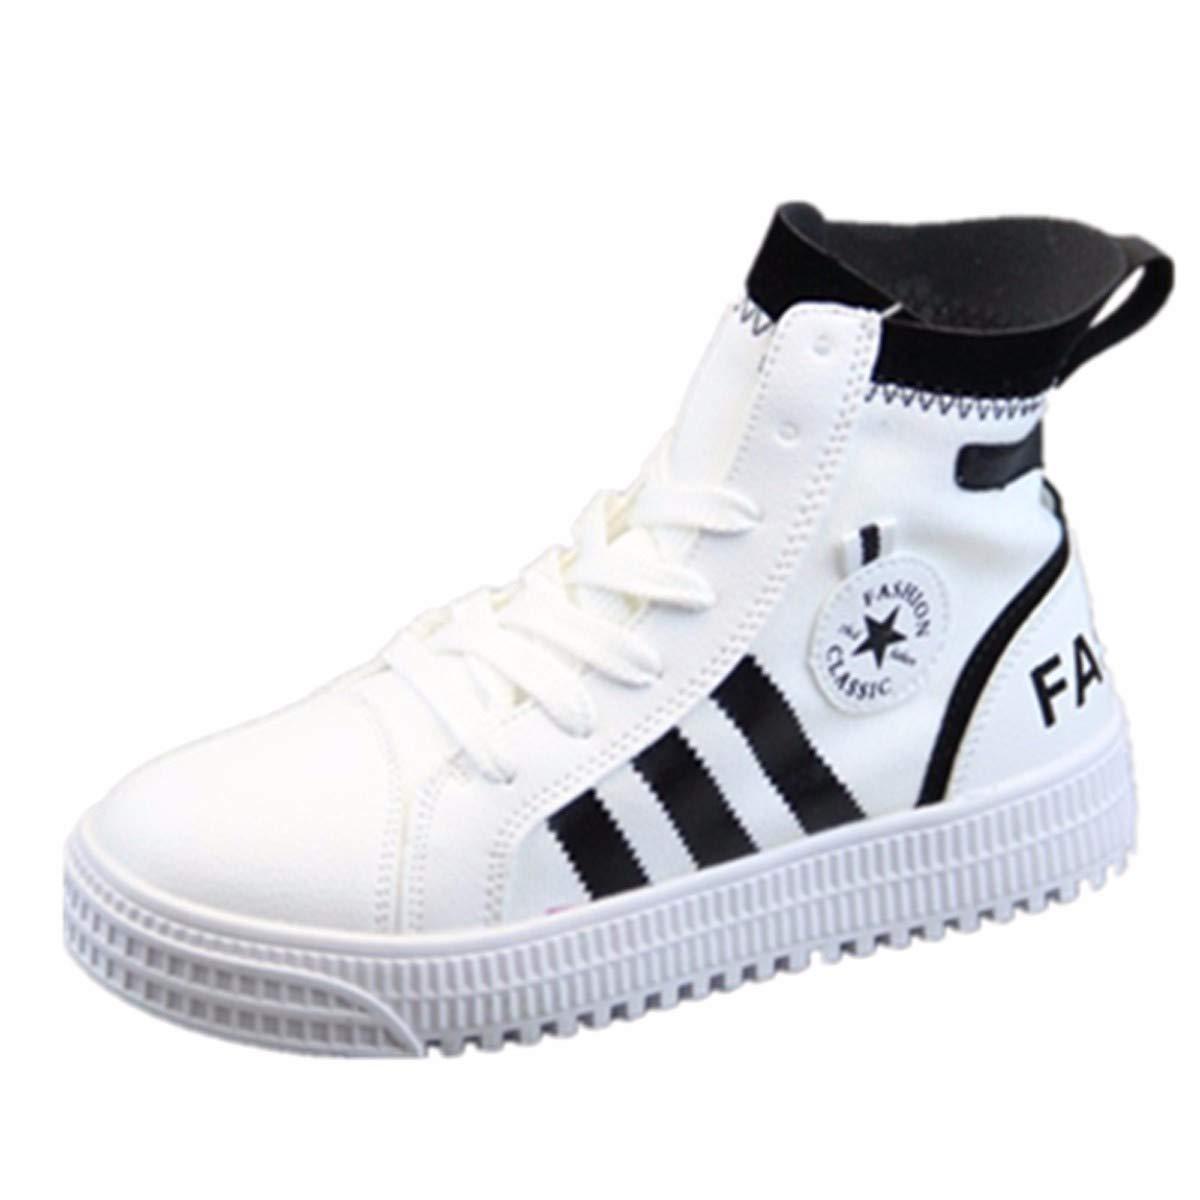 KPHY Damenschuhe High - School - Schüler Schuhe Schuhe Leinwand Hip - Hop - Damenschuhe.